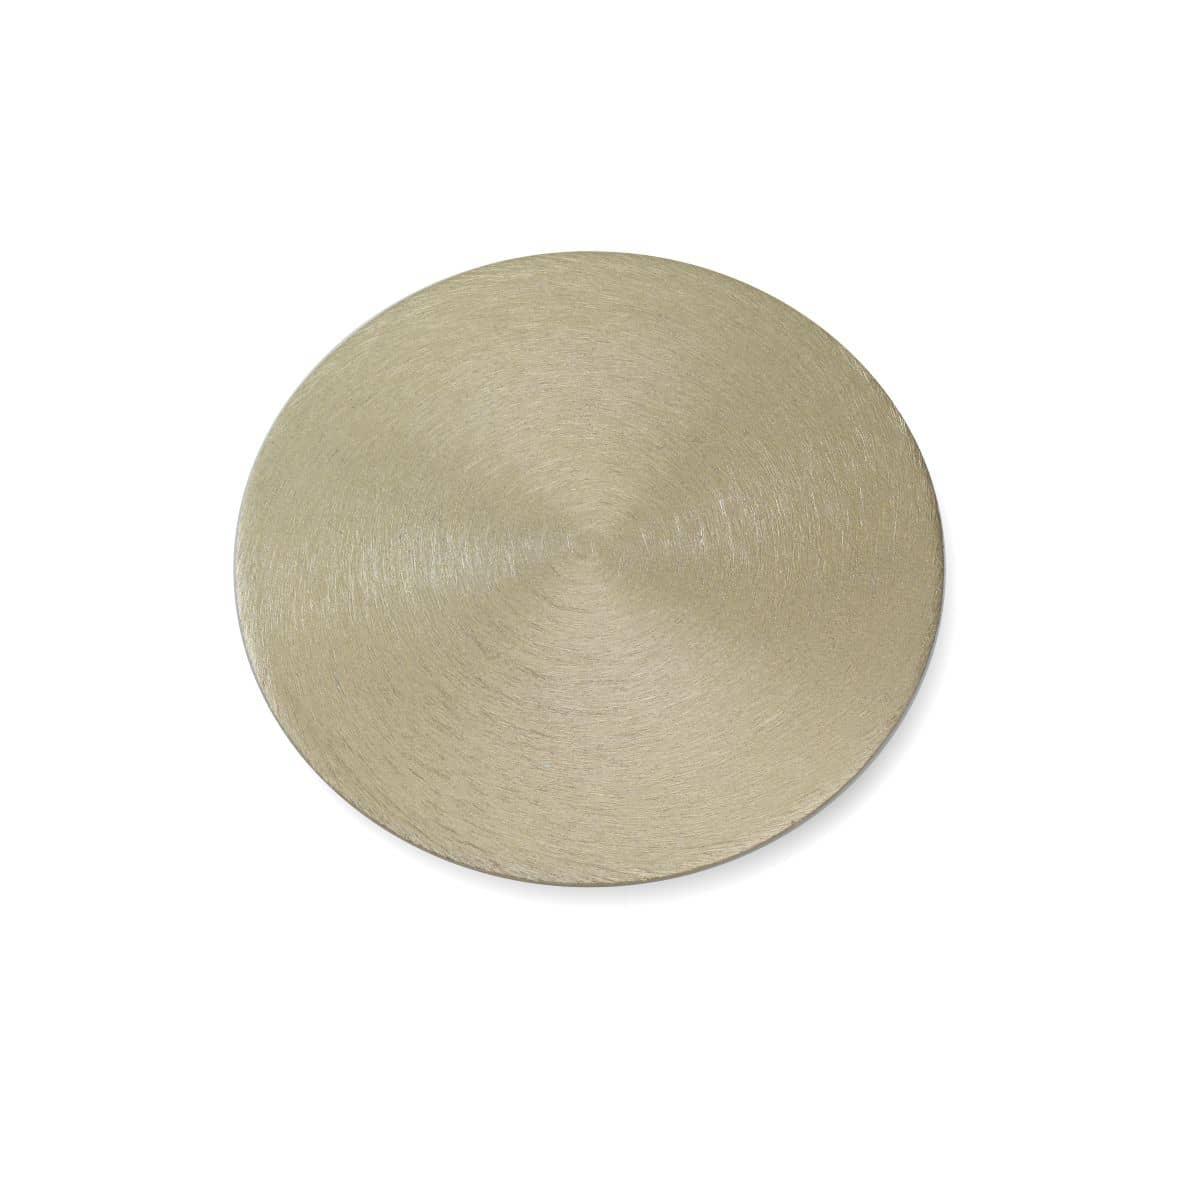 Kerzenteller Alu 100 mm, gold